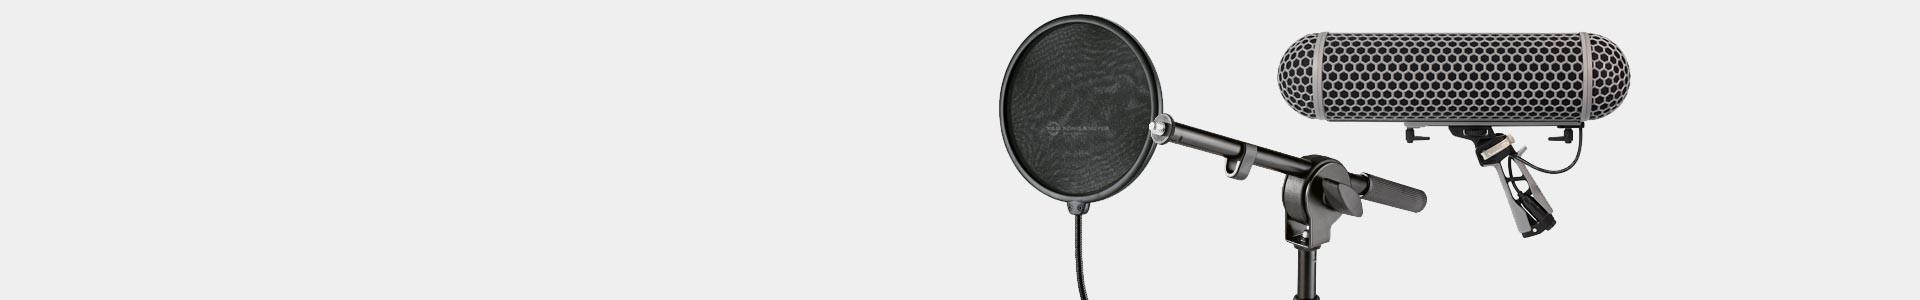 Tutti i tipi di accessori per microfoni professionali - Avacab